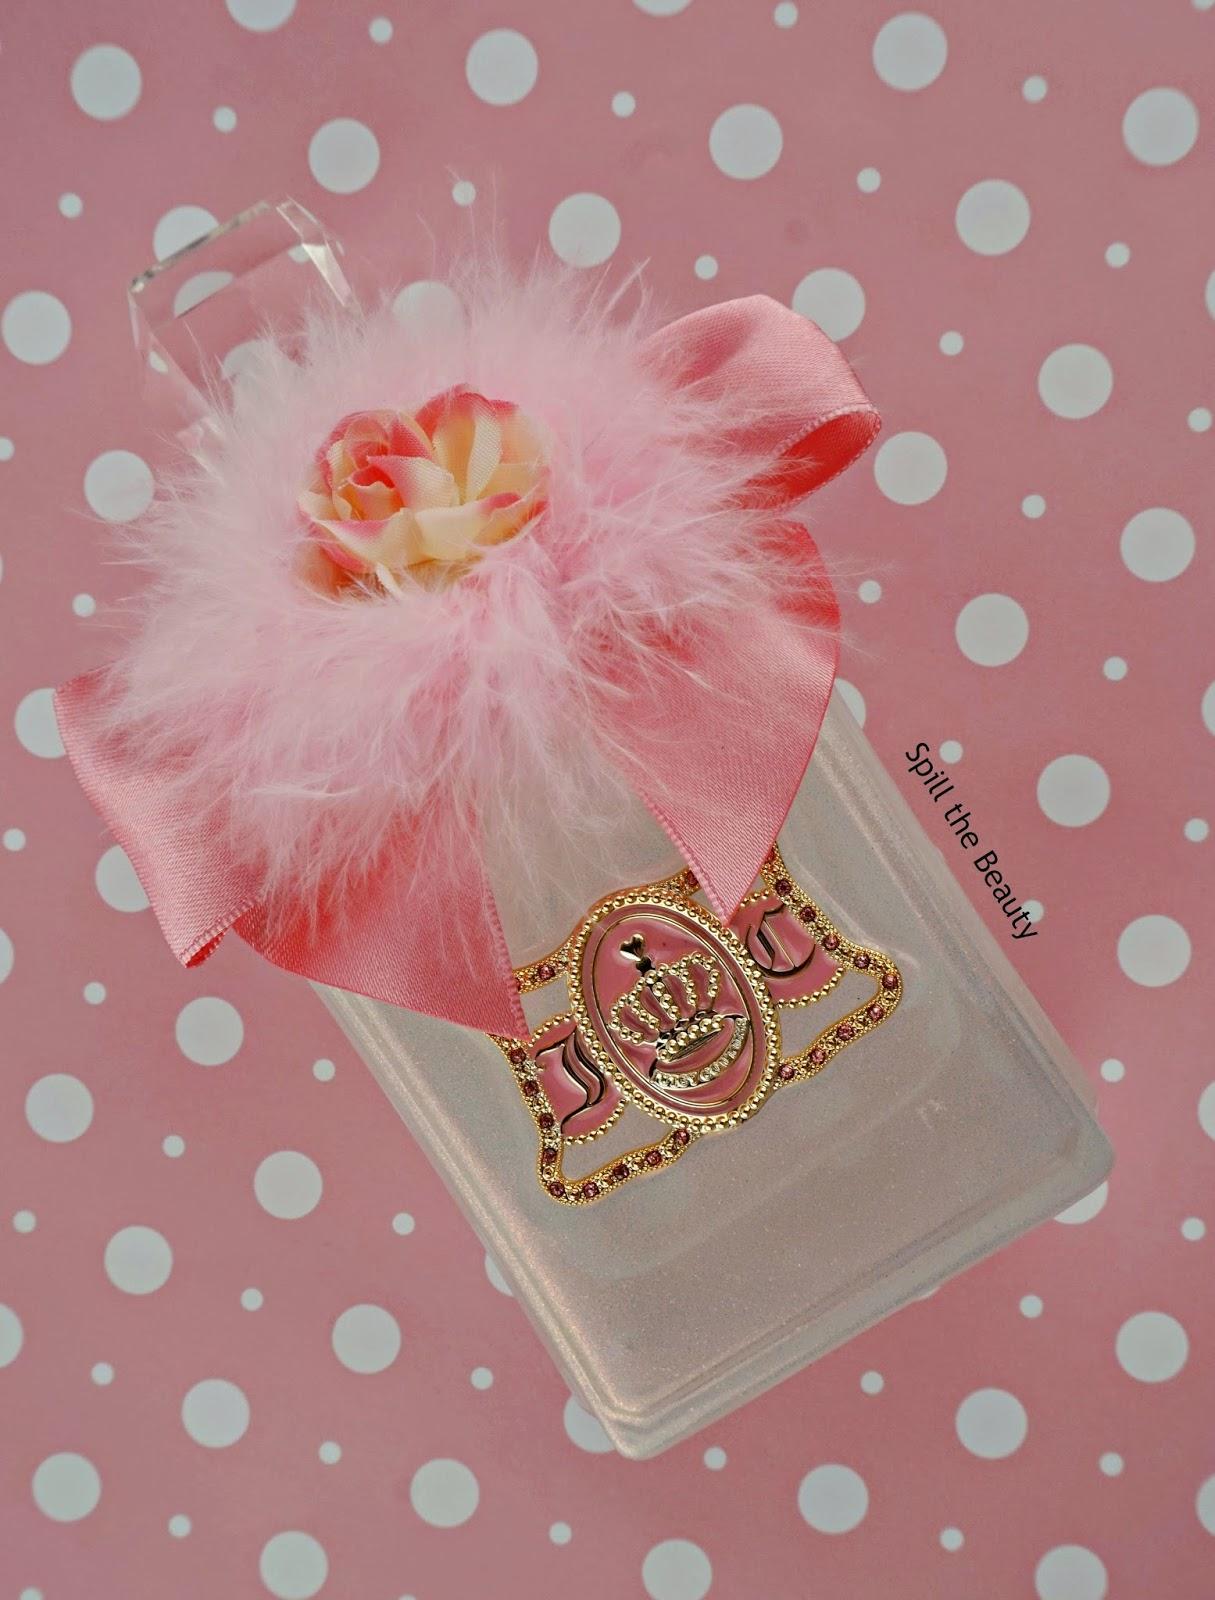 juicy couture eau de parfum viva la juicy glace review